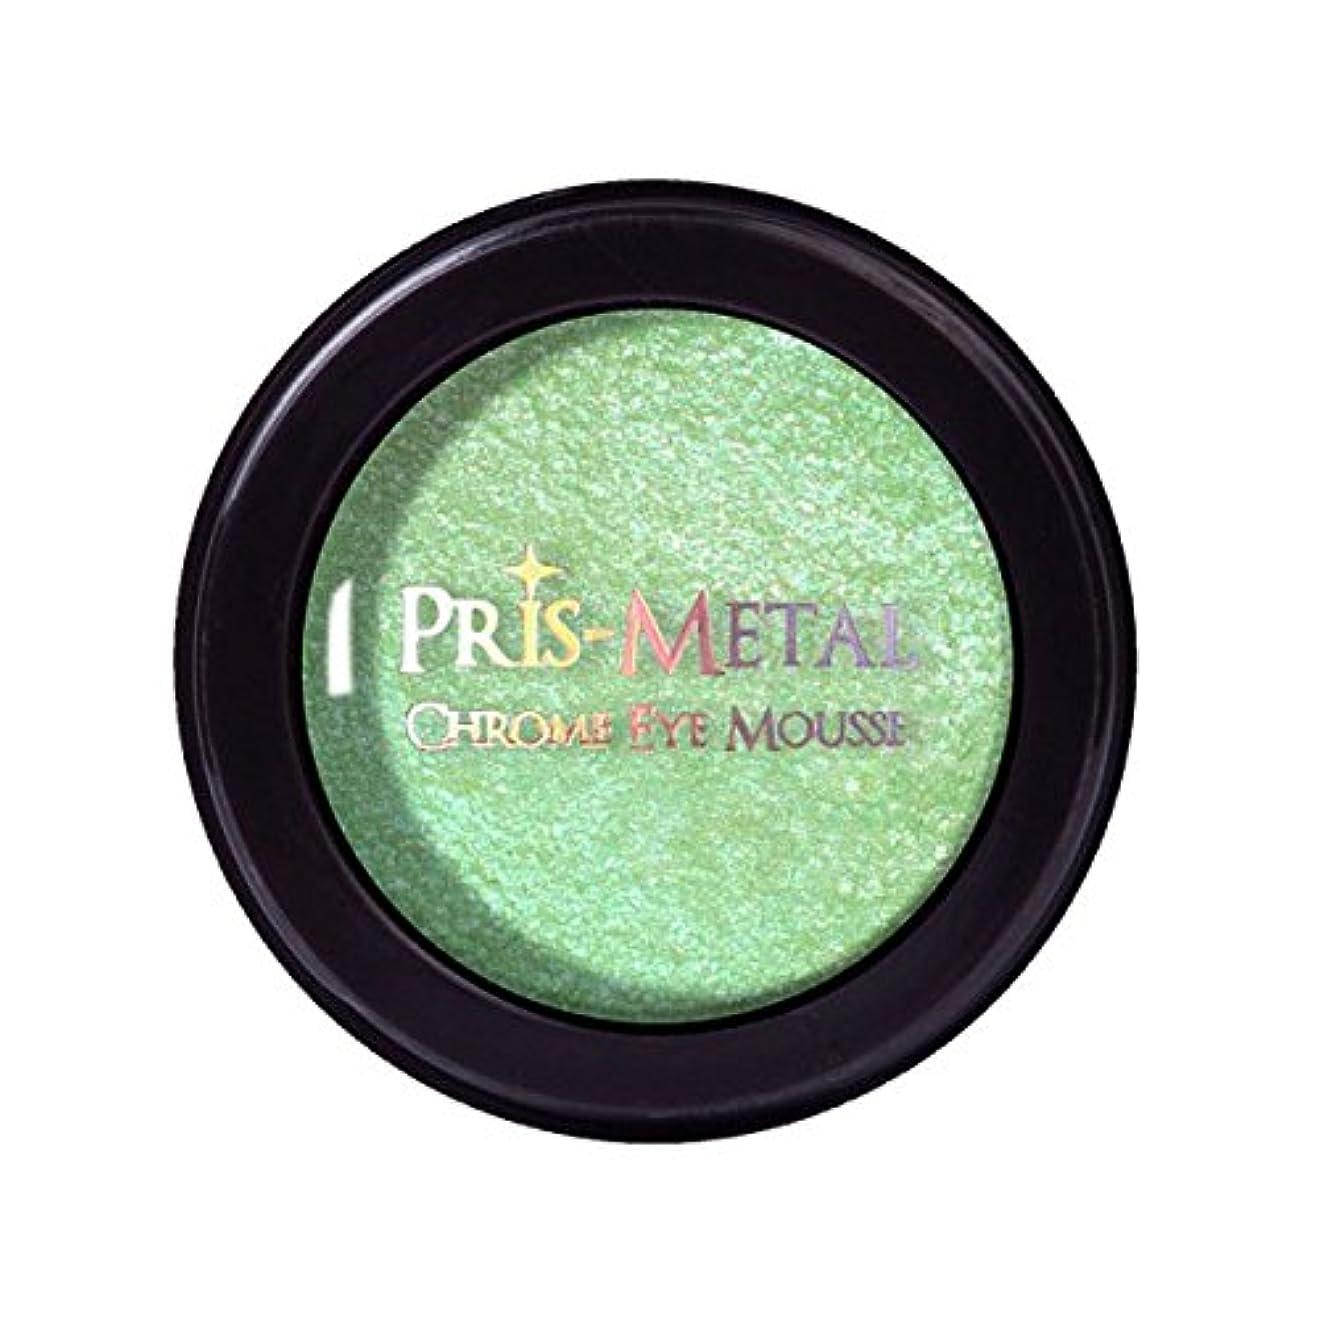 わざわざサーキュレーションずらすJ. CAT BEAUTY Pris-Metal Chrome Eye Mousse - Pixie Dust (並行輸入品)